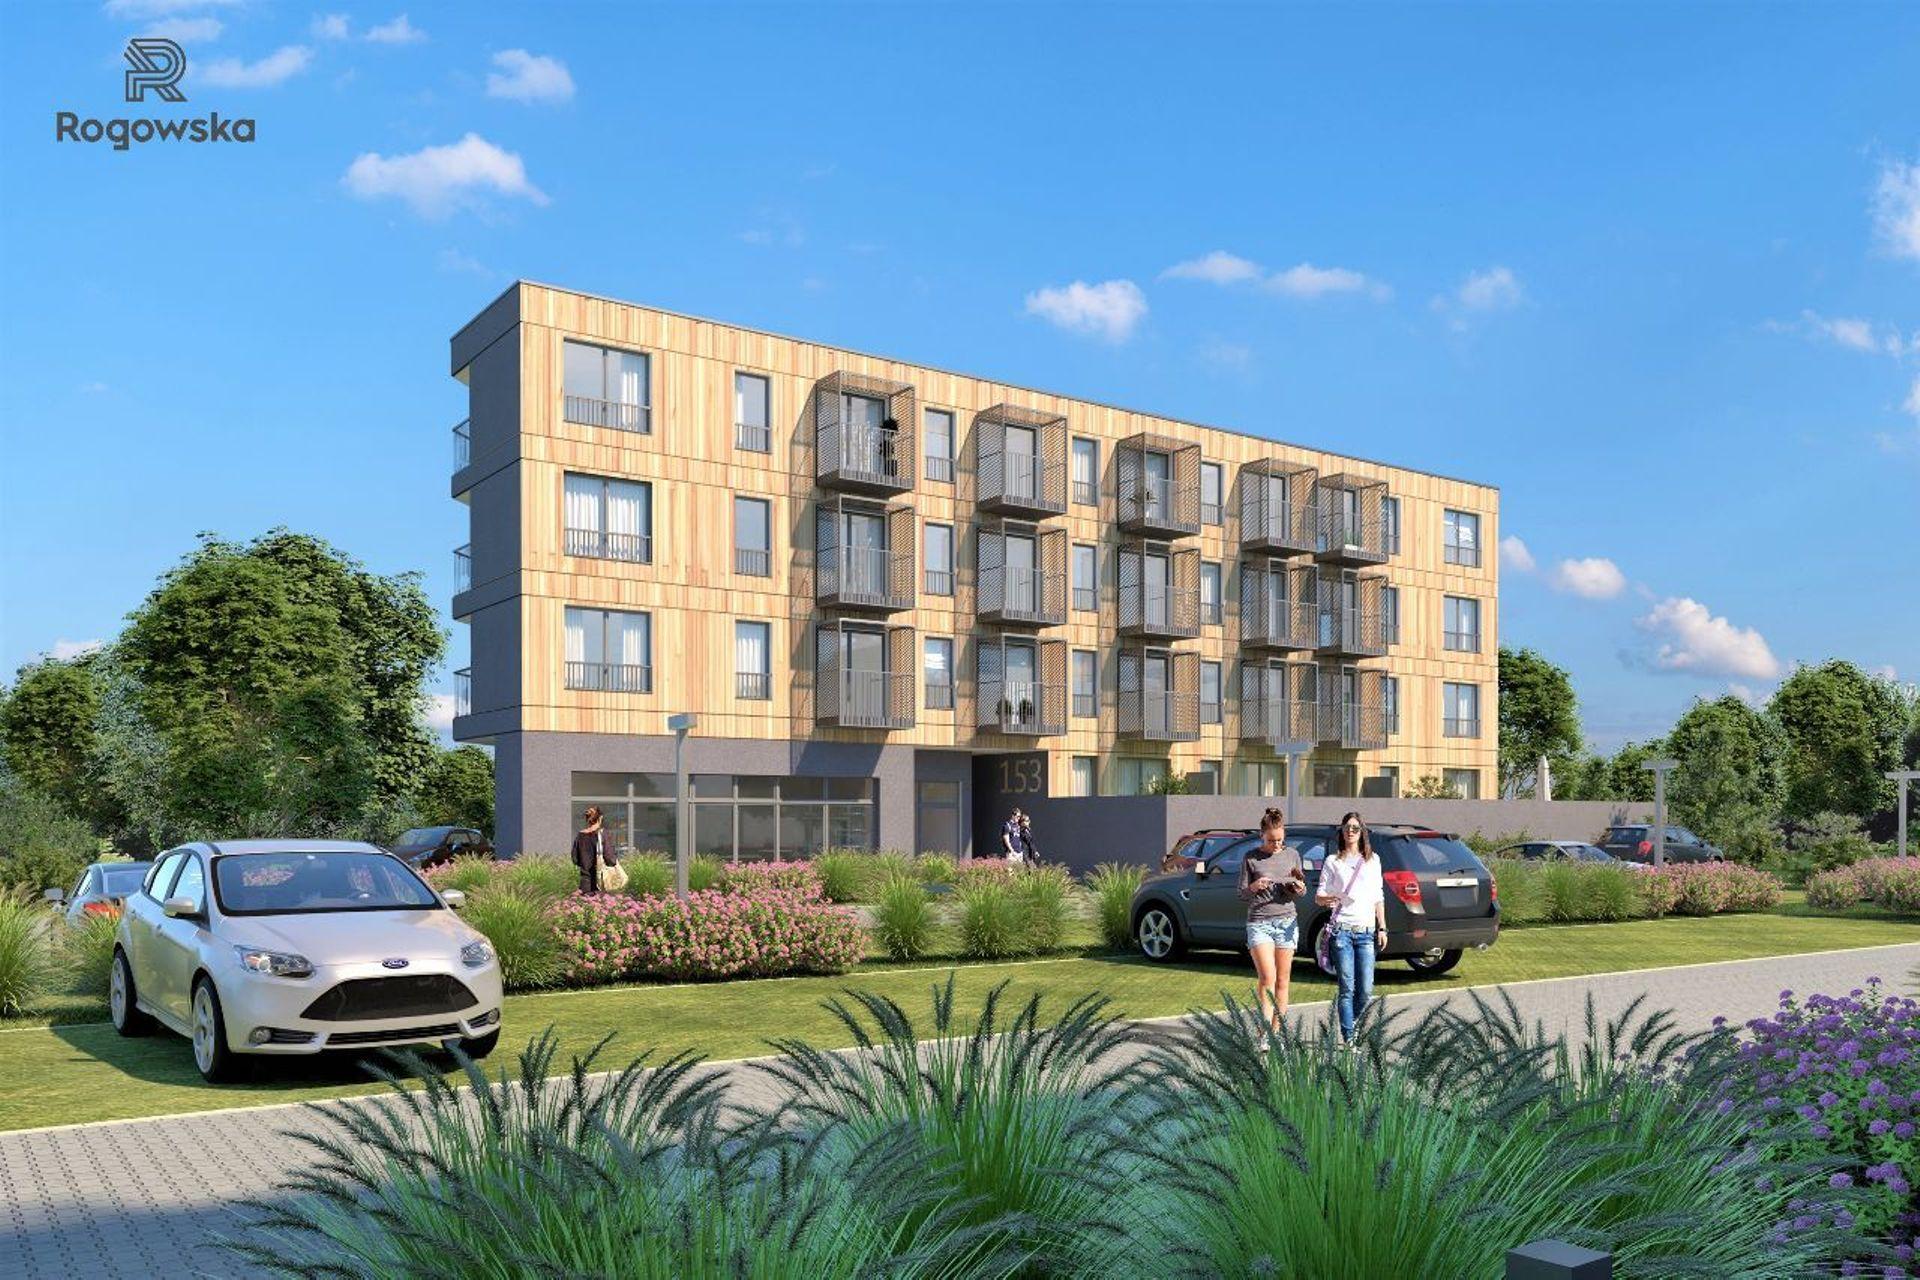 Wrocław: Rogowska – nowe mieszkania i lokale inwestycyjne na Nowym Dworze